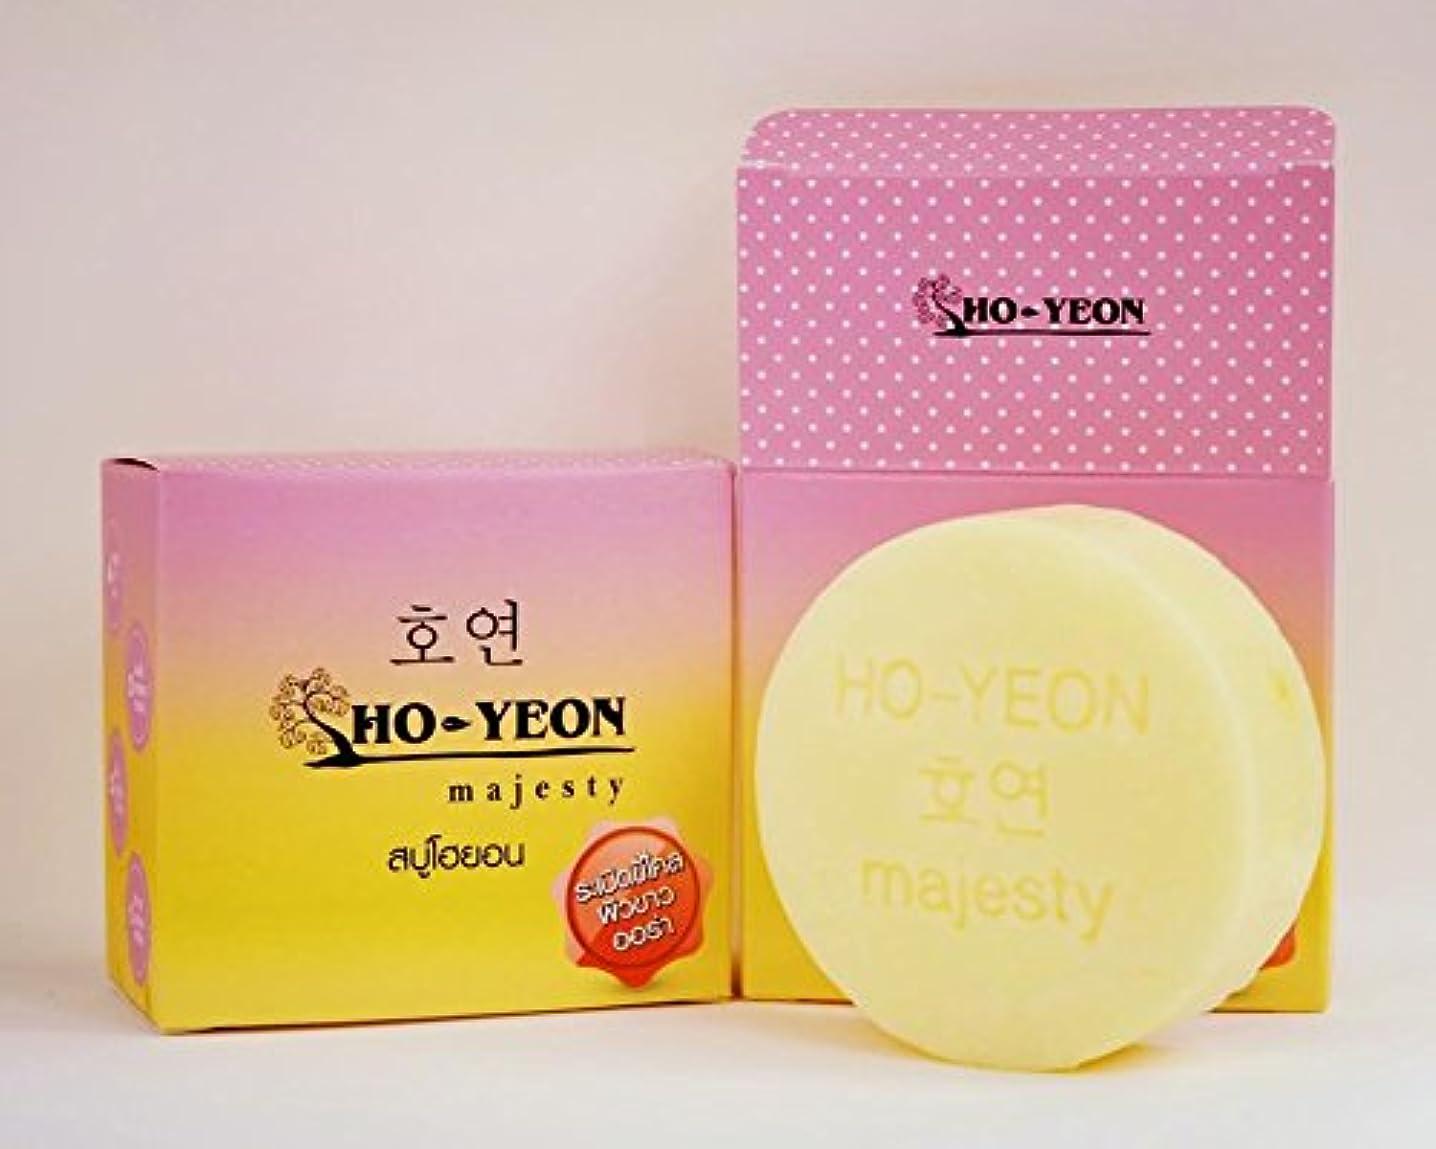 誤って敷居コールド1 X Natural Herbal Whitening Soap. Soap Yeon Ho-yeon the HO (80 grams) Free shipping